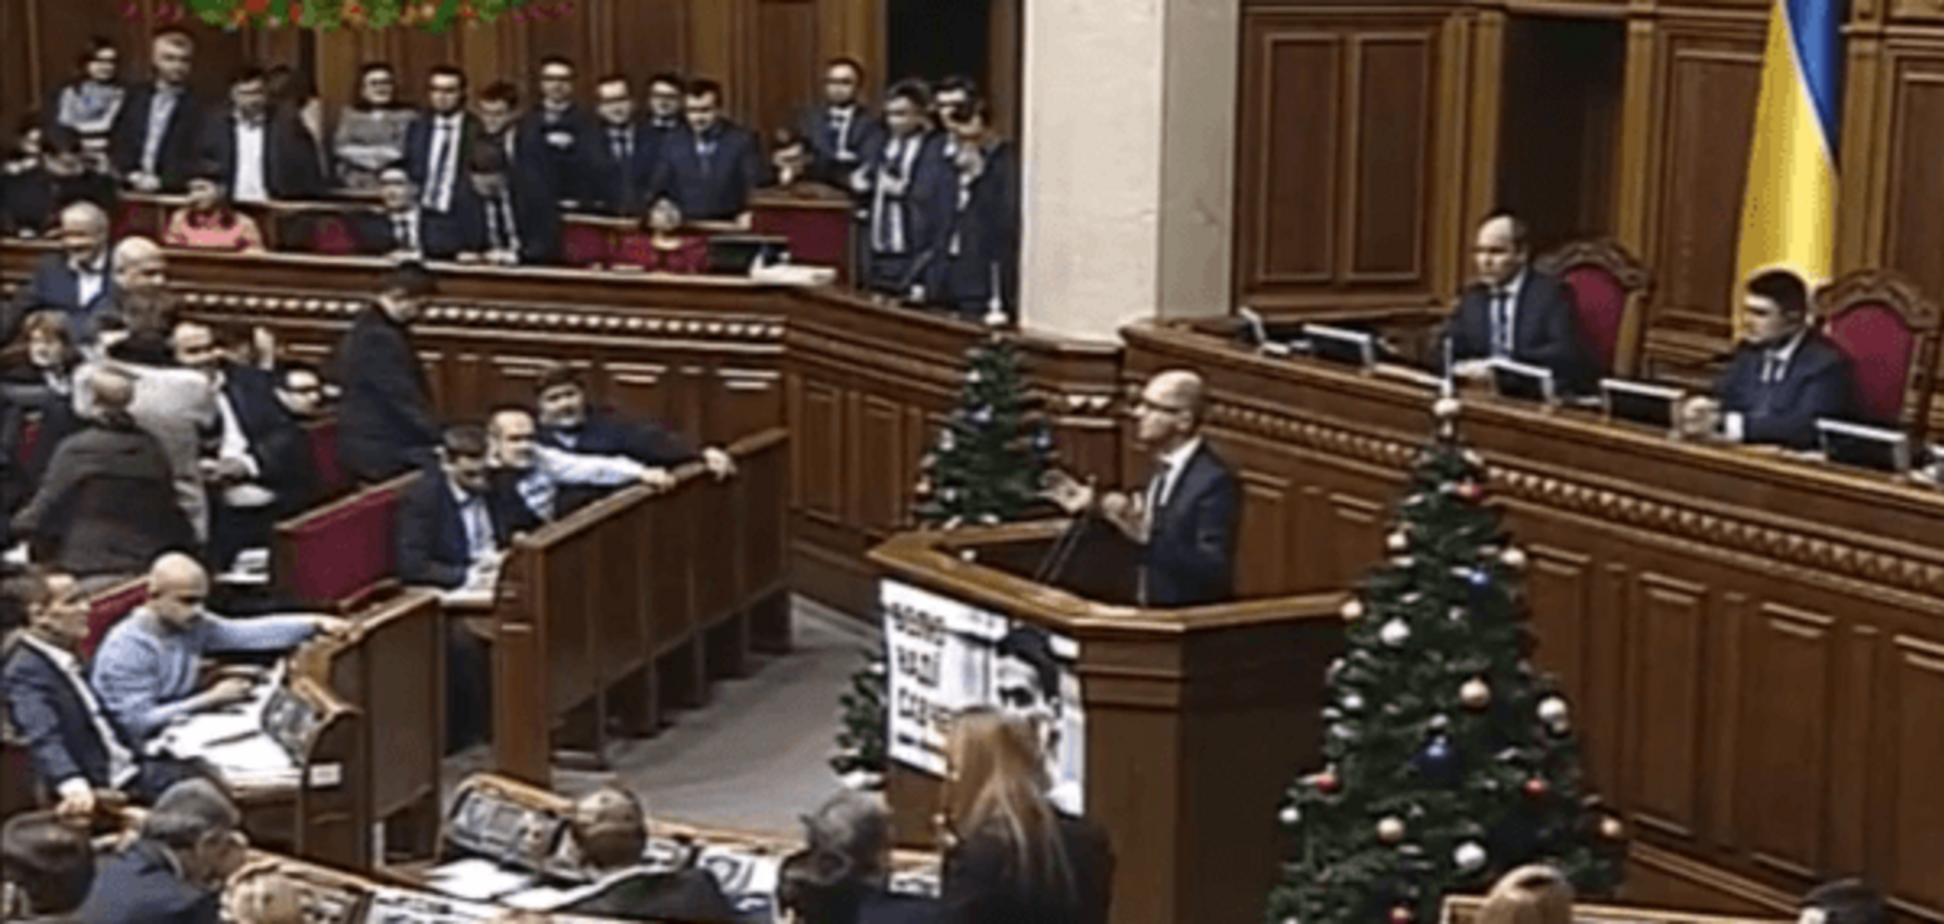 Просто пісня: як парламент і Кабмін лаялися в соцмережах через бюджет